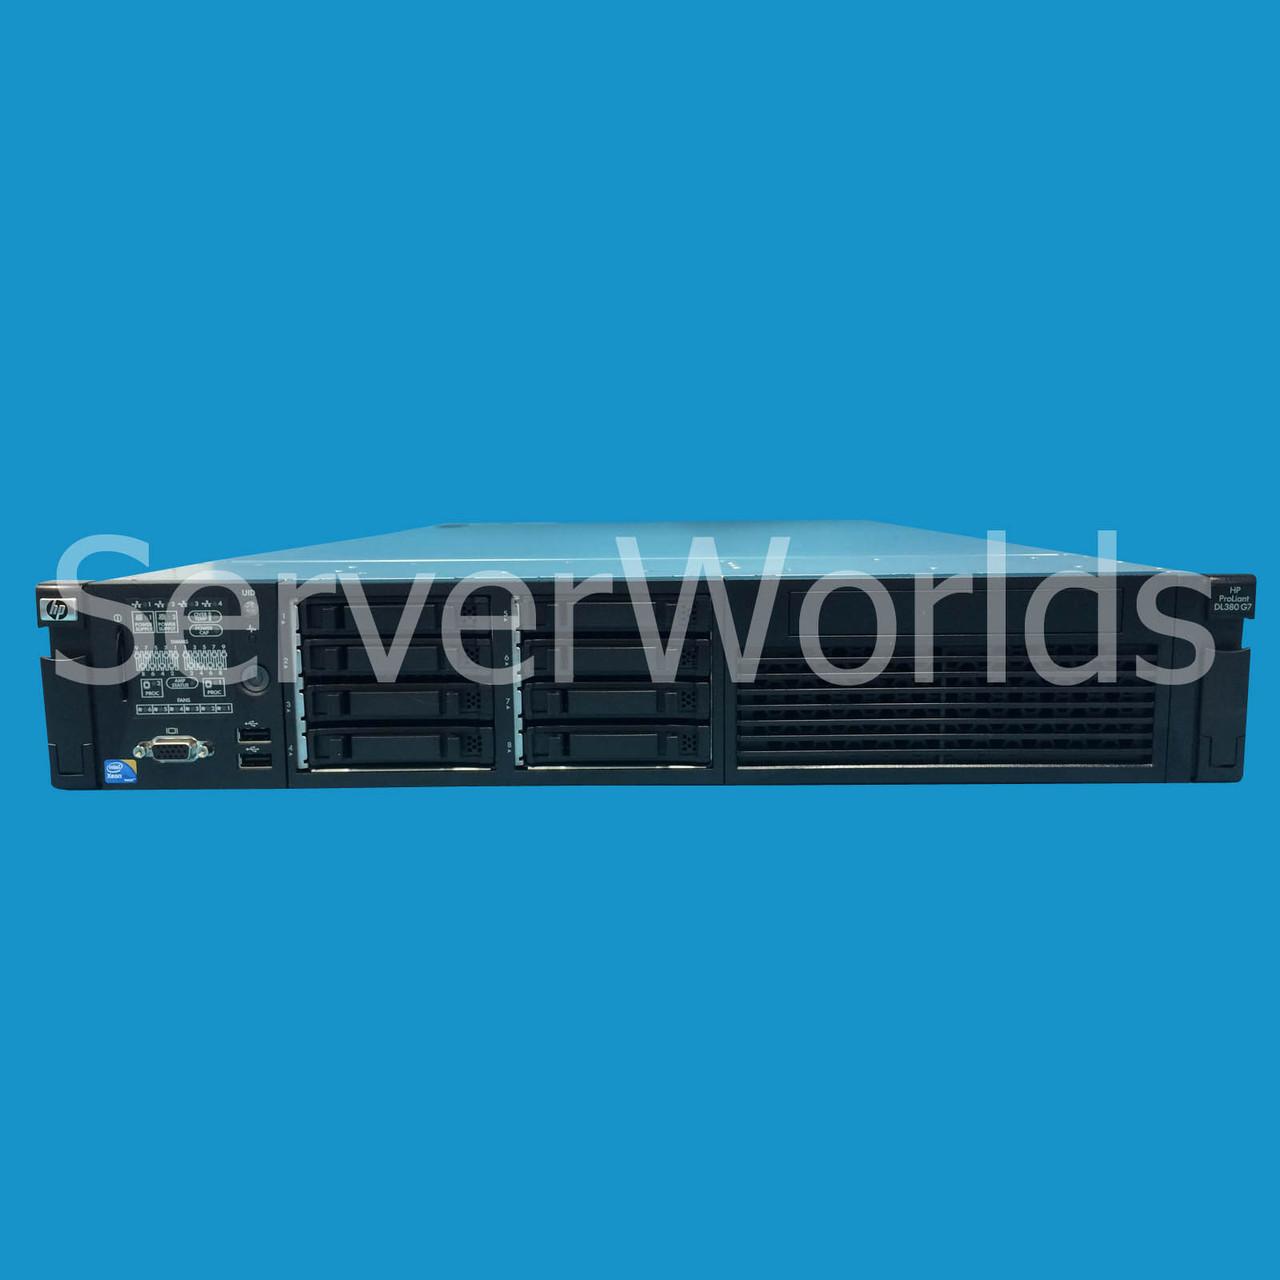 Refurbished HP DL380 G7 Server | Used HP DL380 G7 Server - Serverworlds